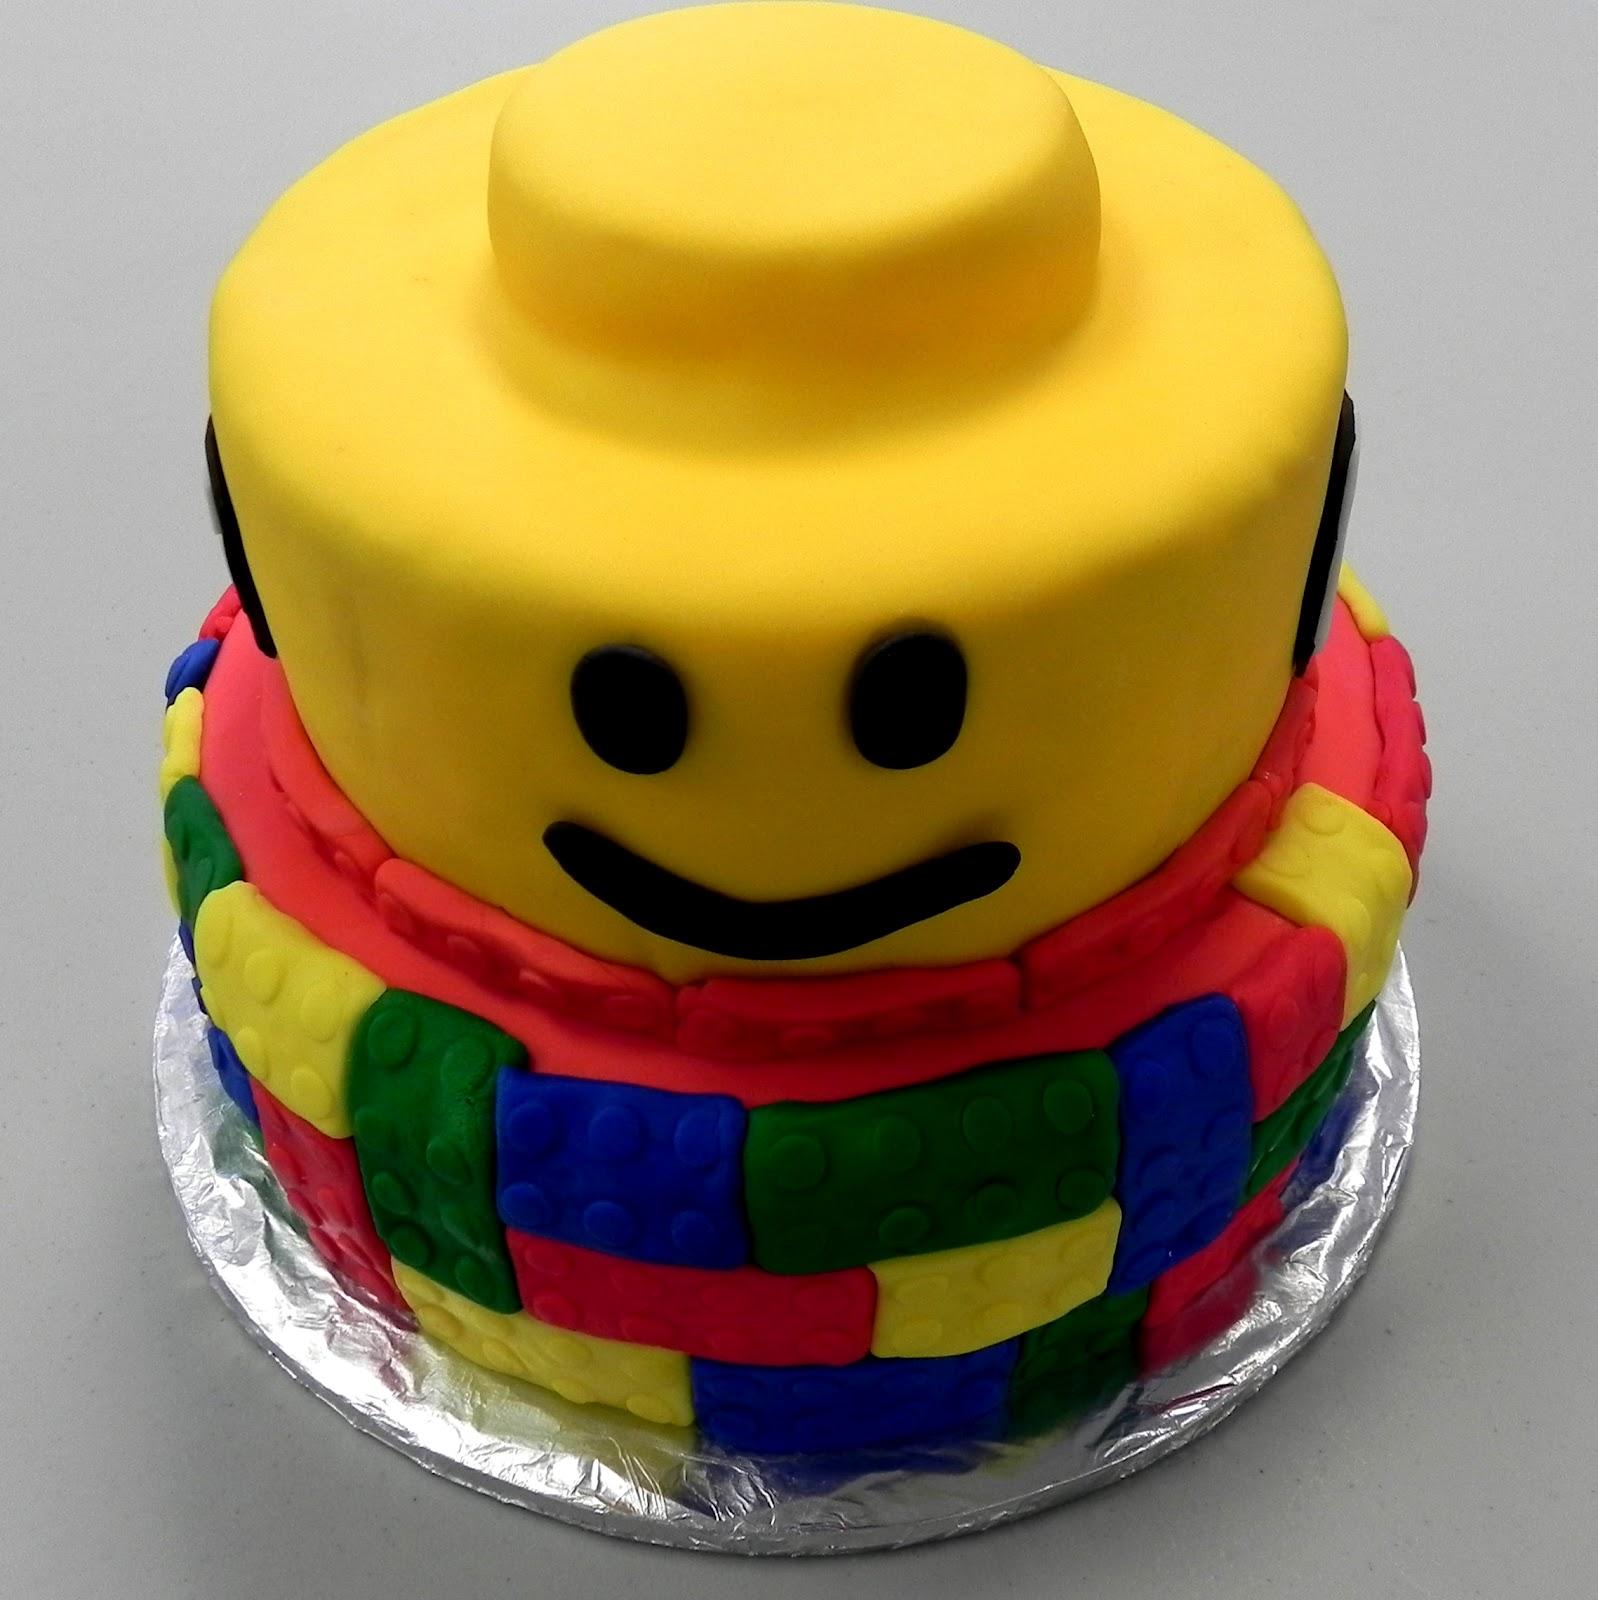 11 LEGO Birthday Cakes With Theme Photo